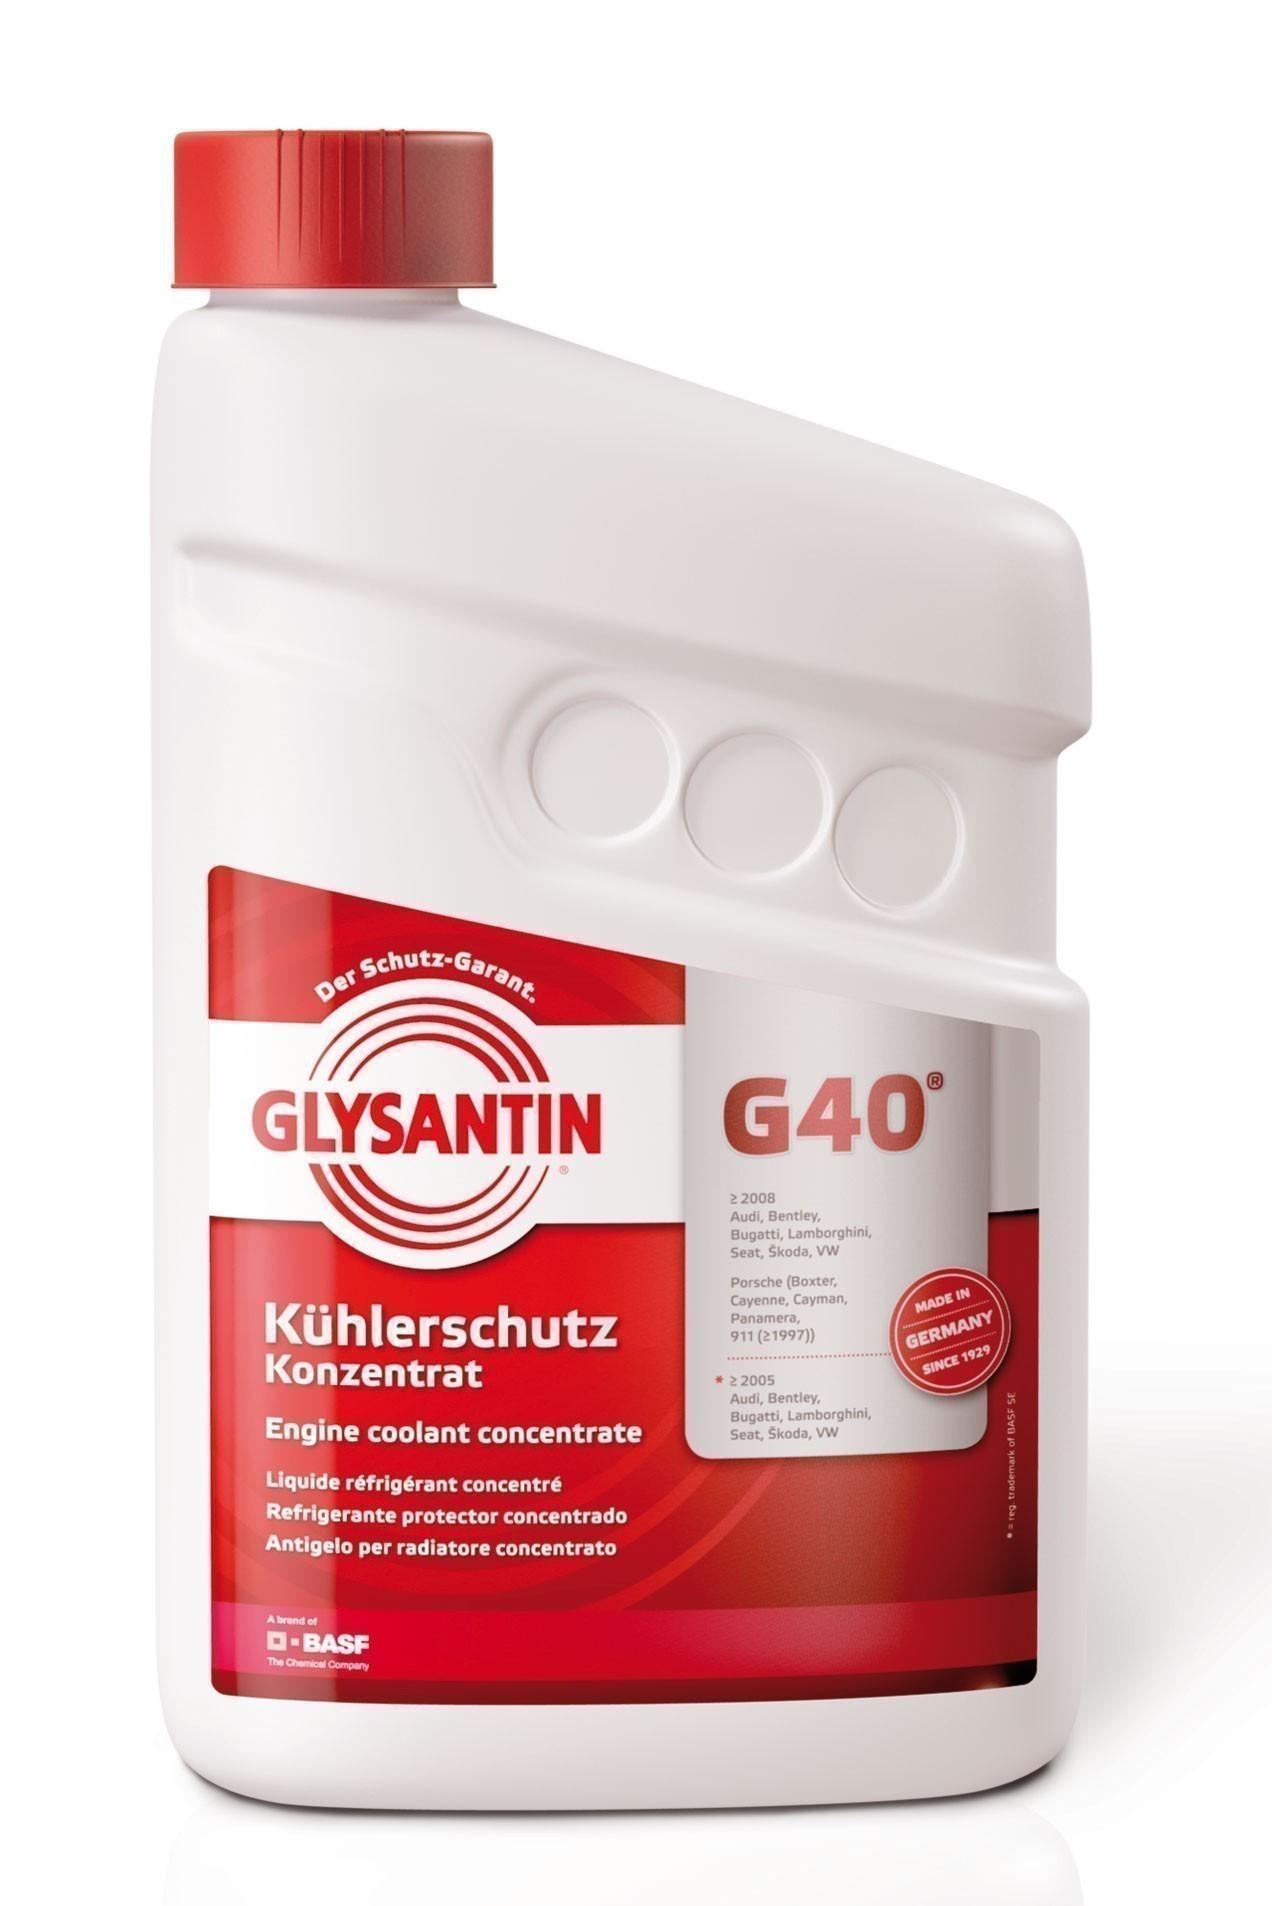 Kühlerfrostschutz Glysantin G40 Konzentrat 1,5 Liter Bild 1